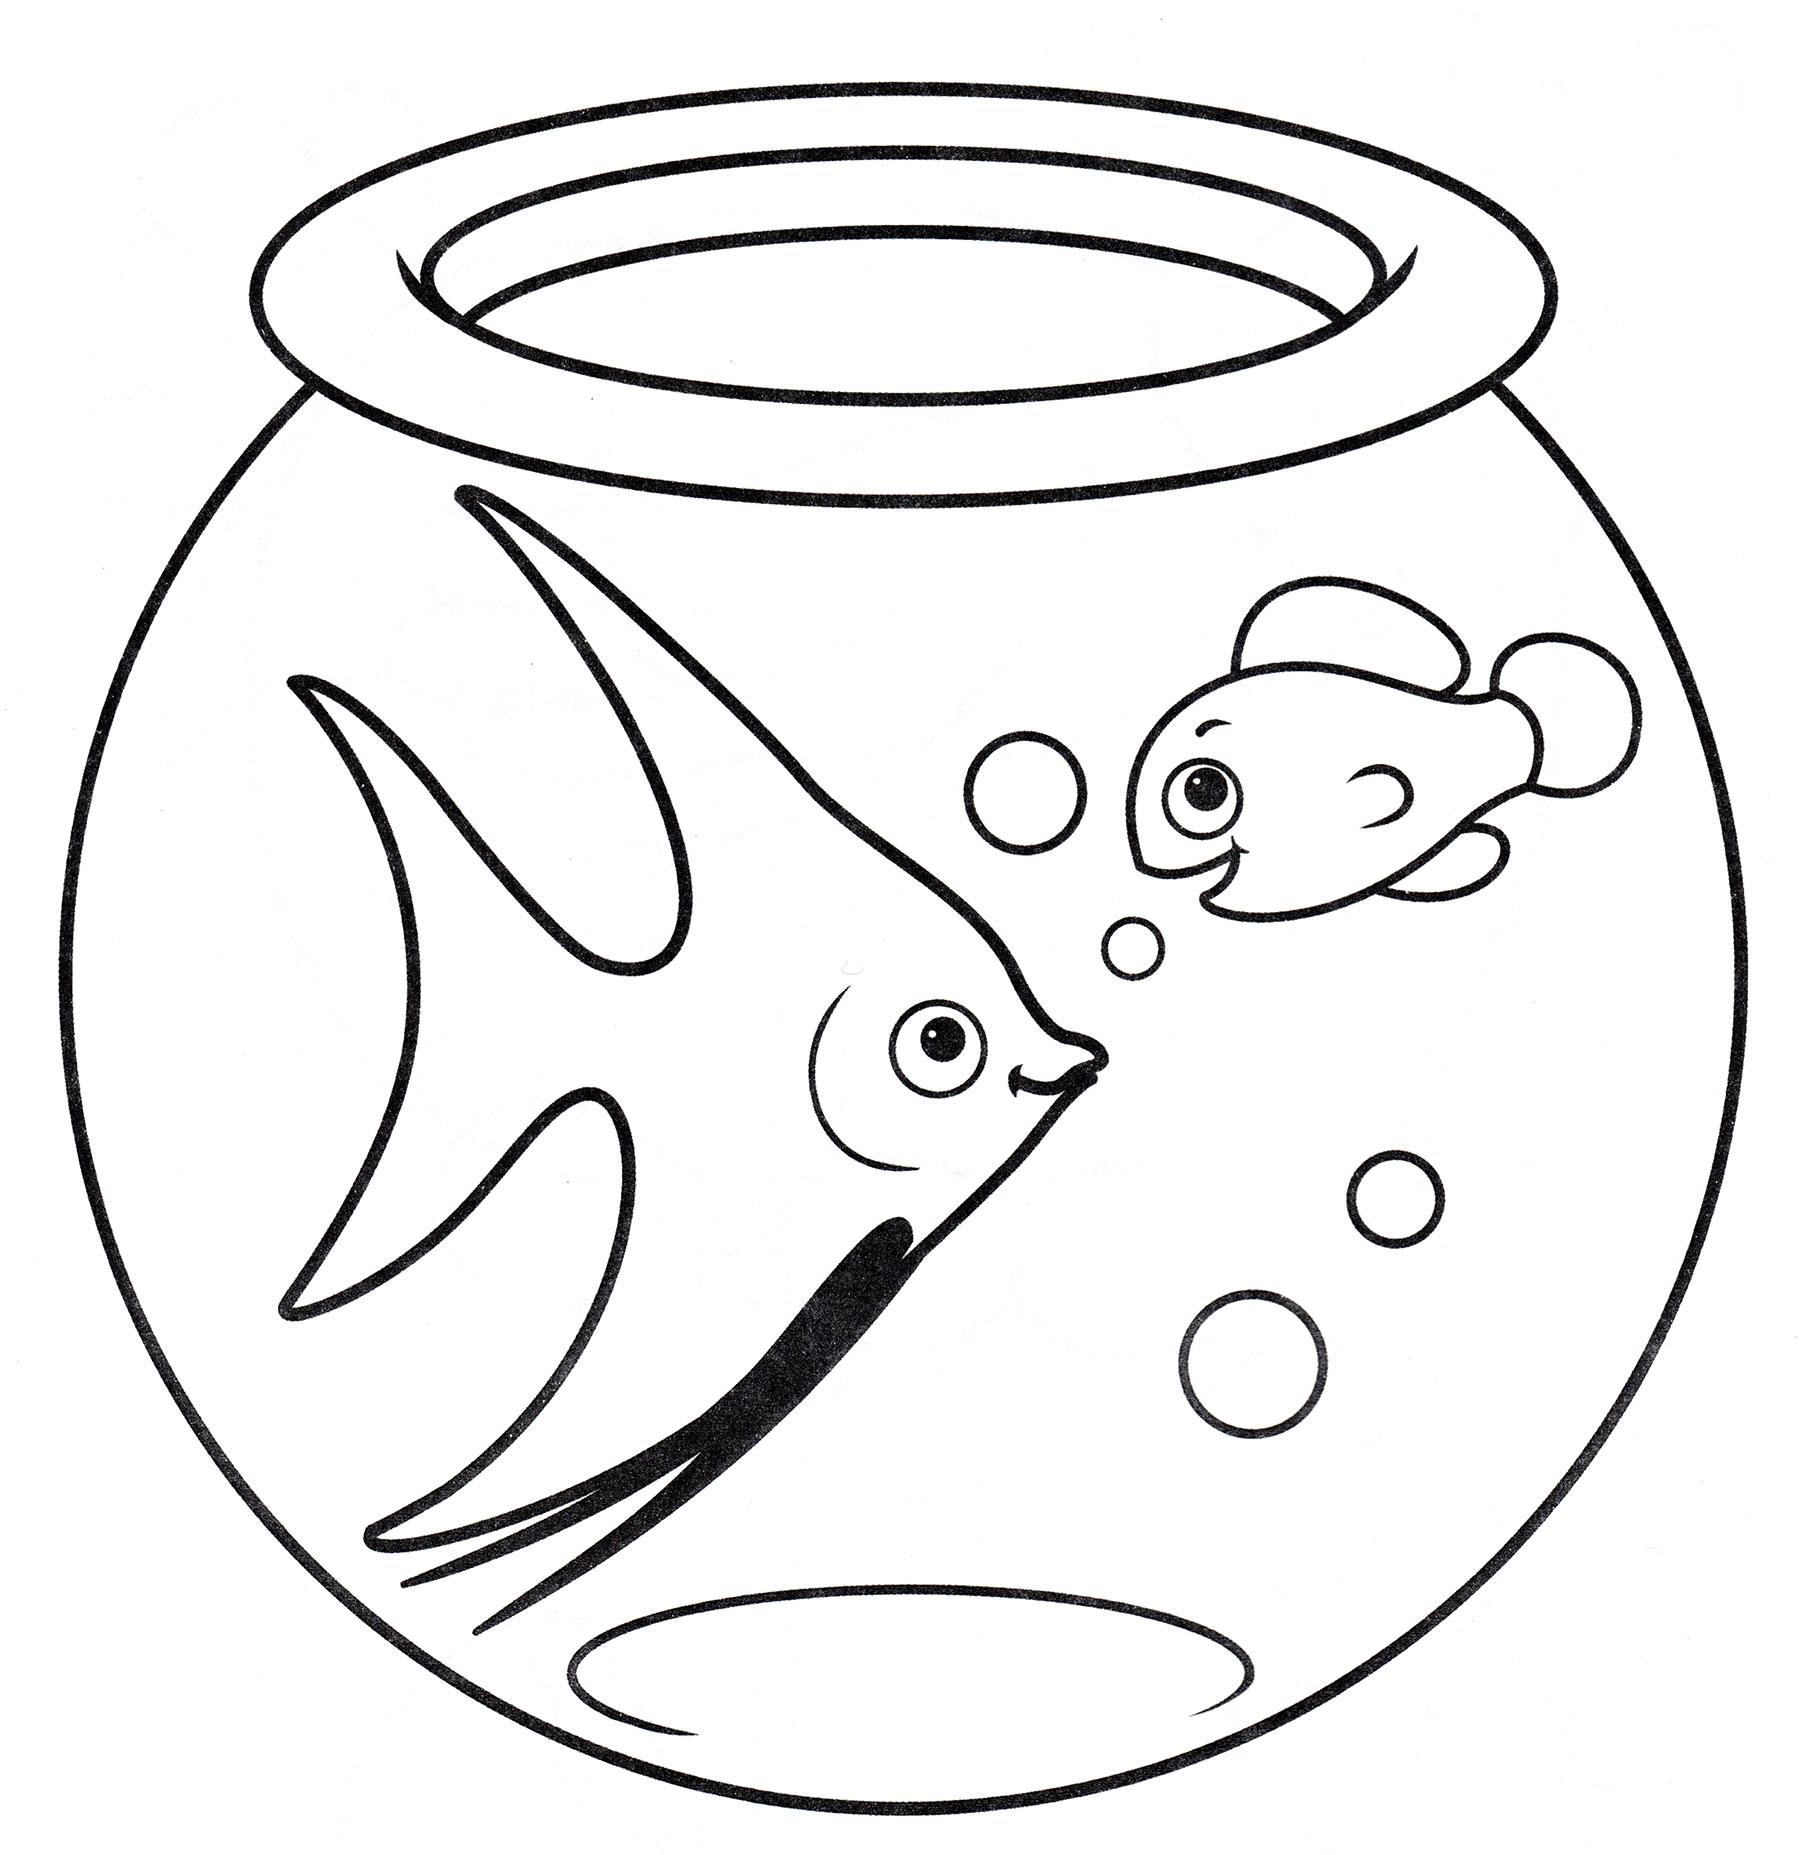 Раскраска Две рыбки в аквариуме - распечатать бесплатно